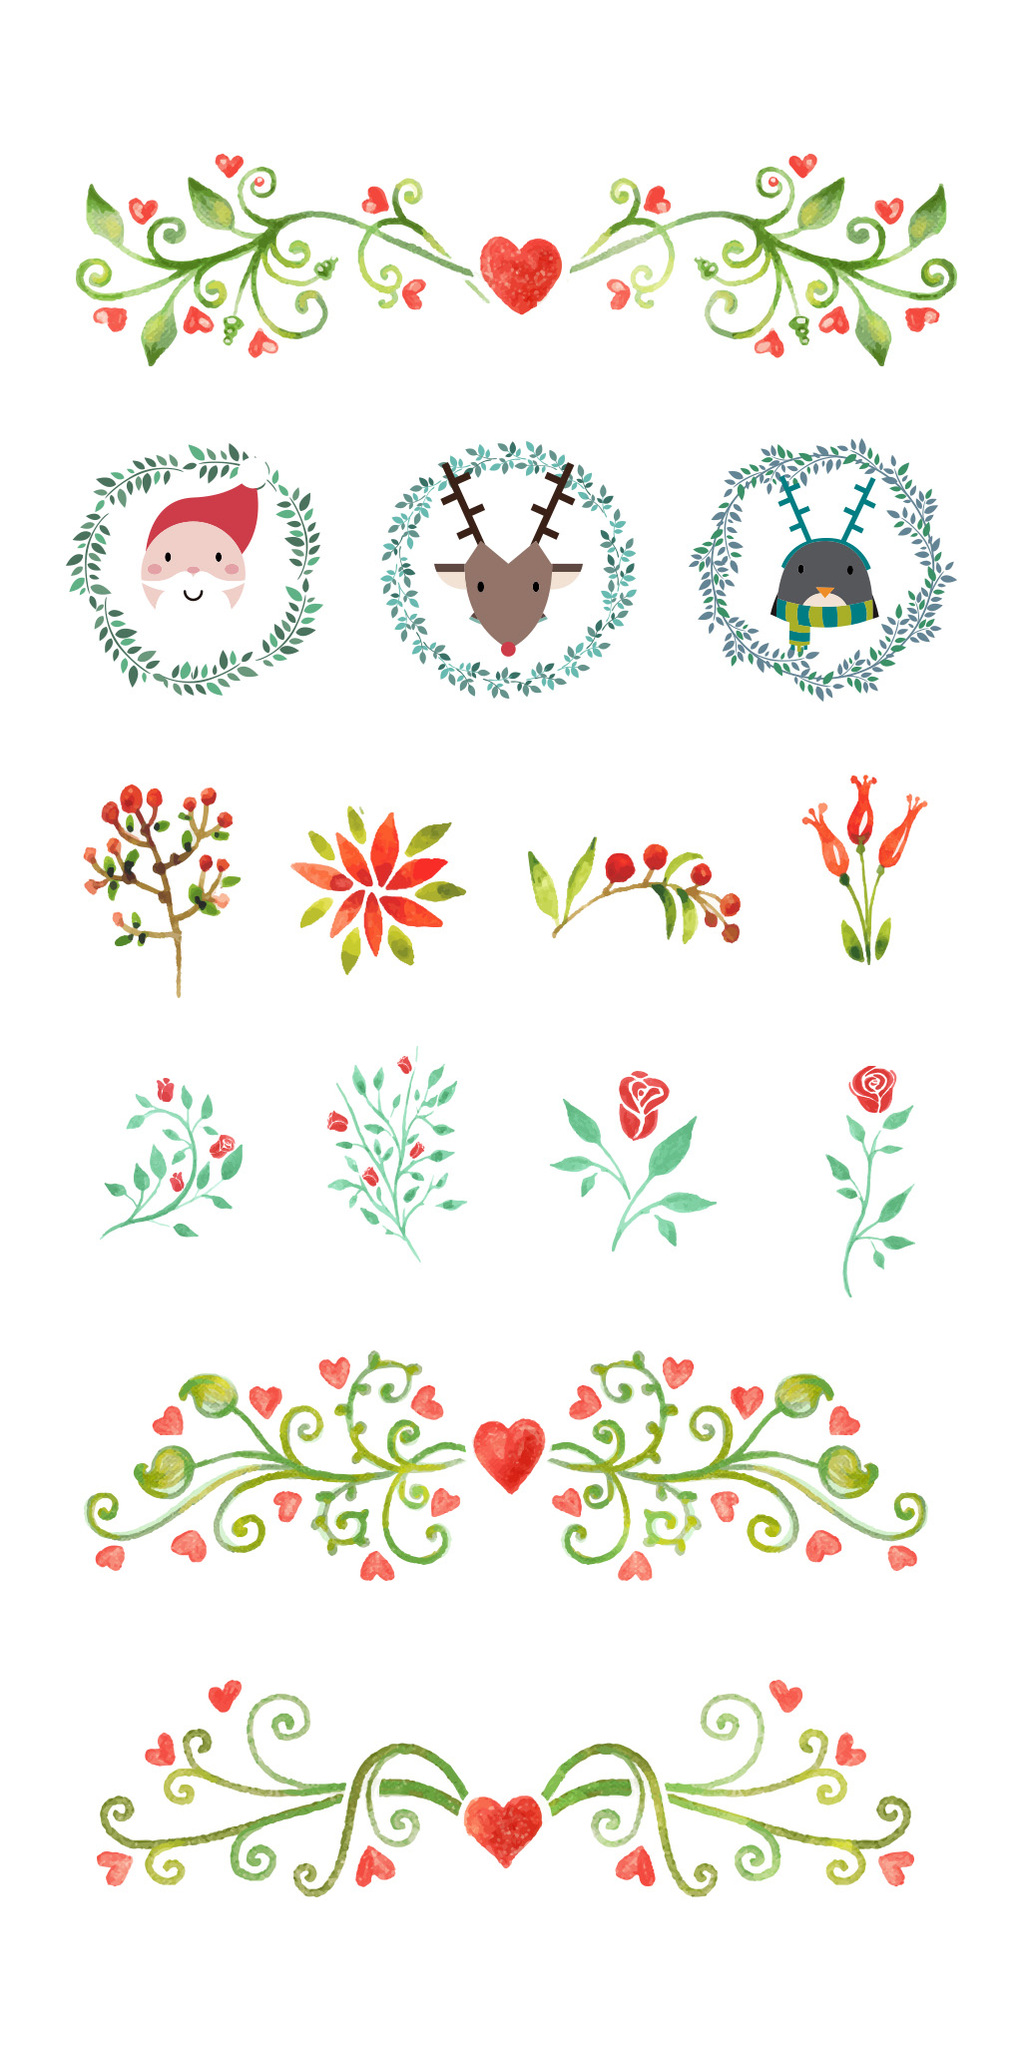 清新手绘圣诞节树叶花卉淘宝素材